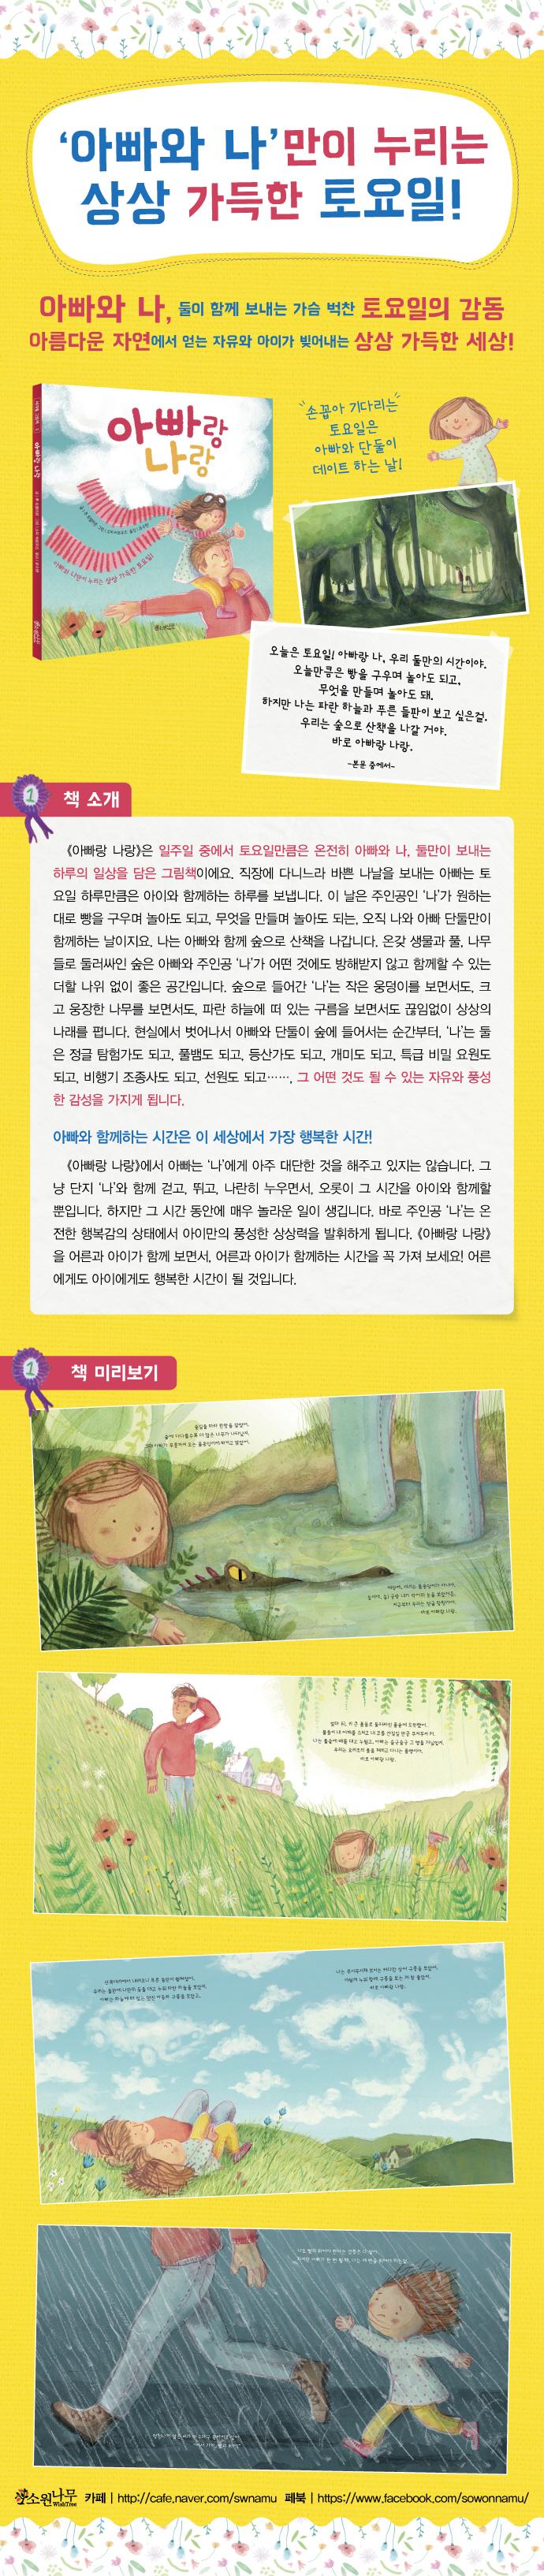 아빠랑 나랑(세계숲 그림책 3)(양장본 HardCover) 도서 상세이미지